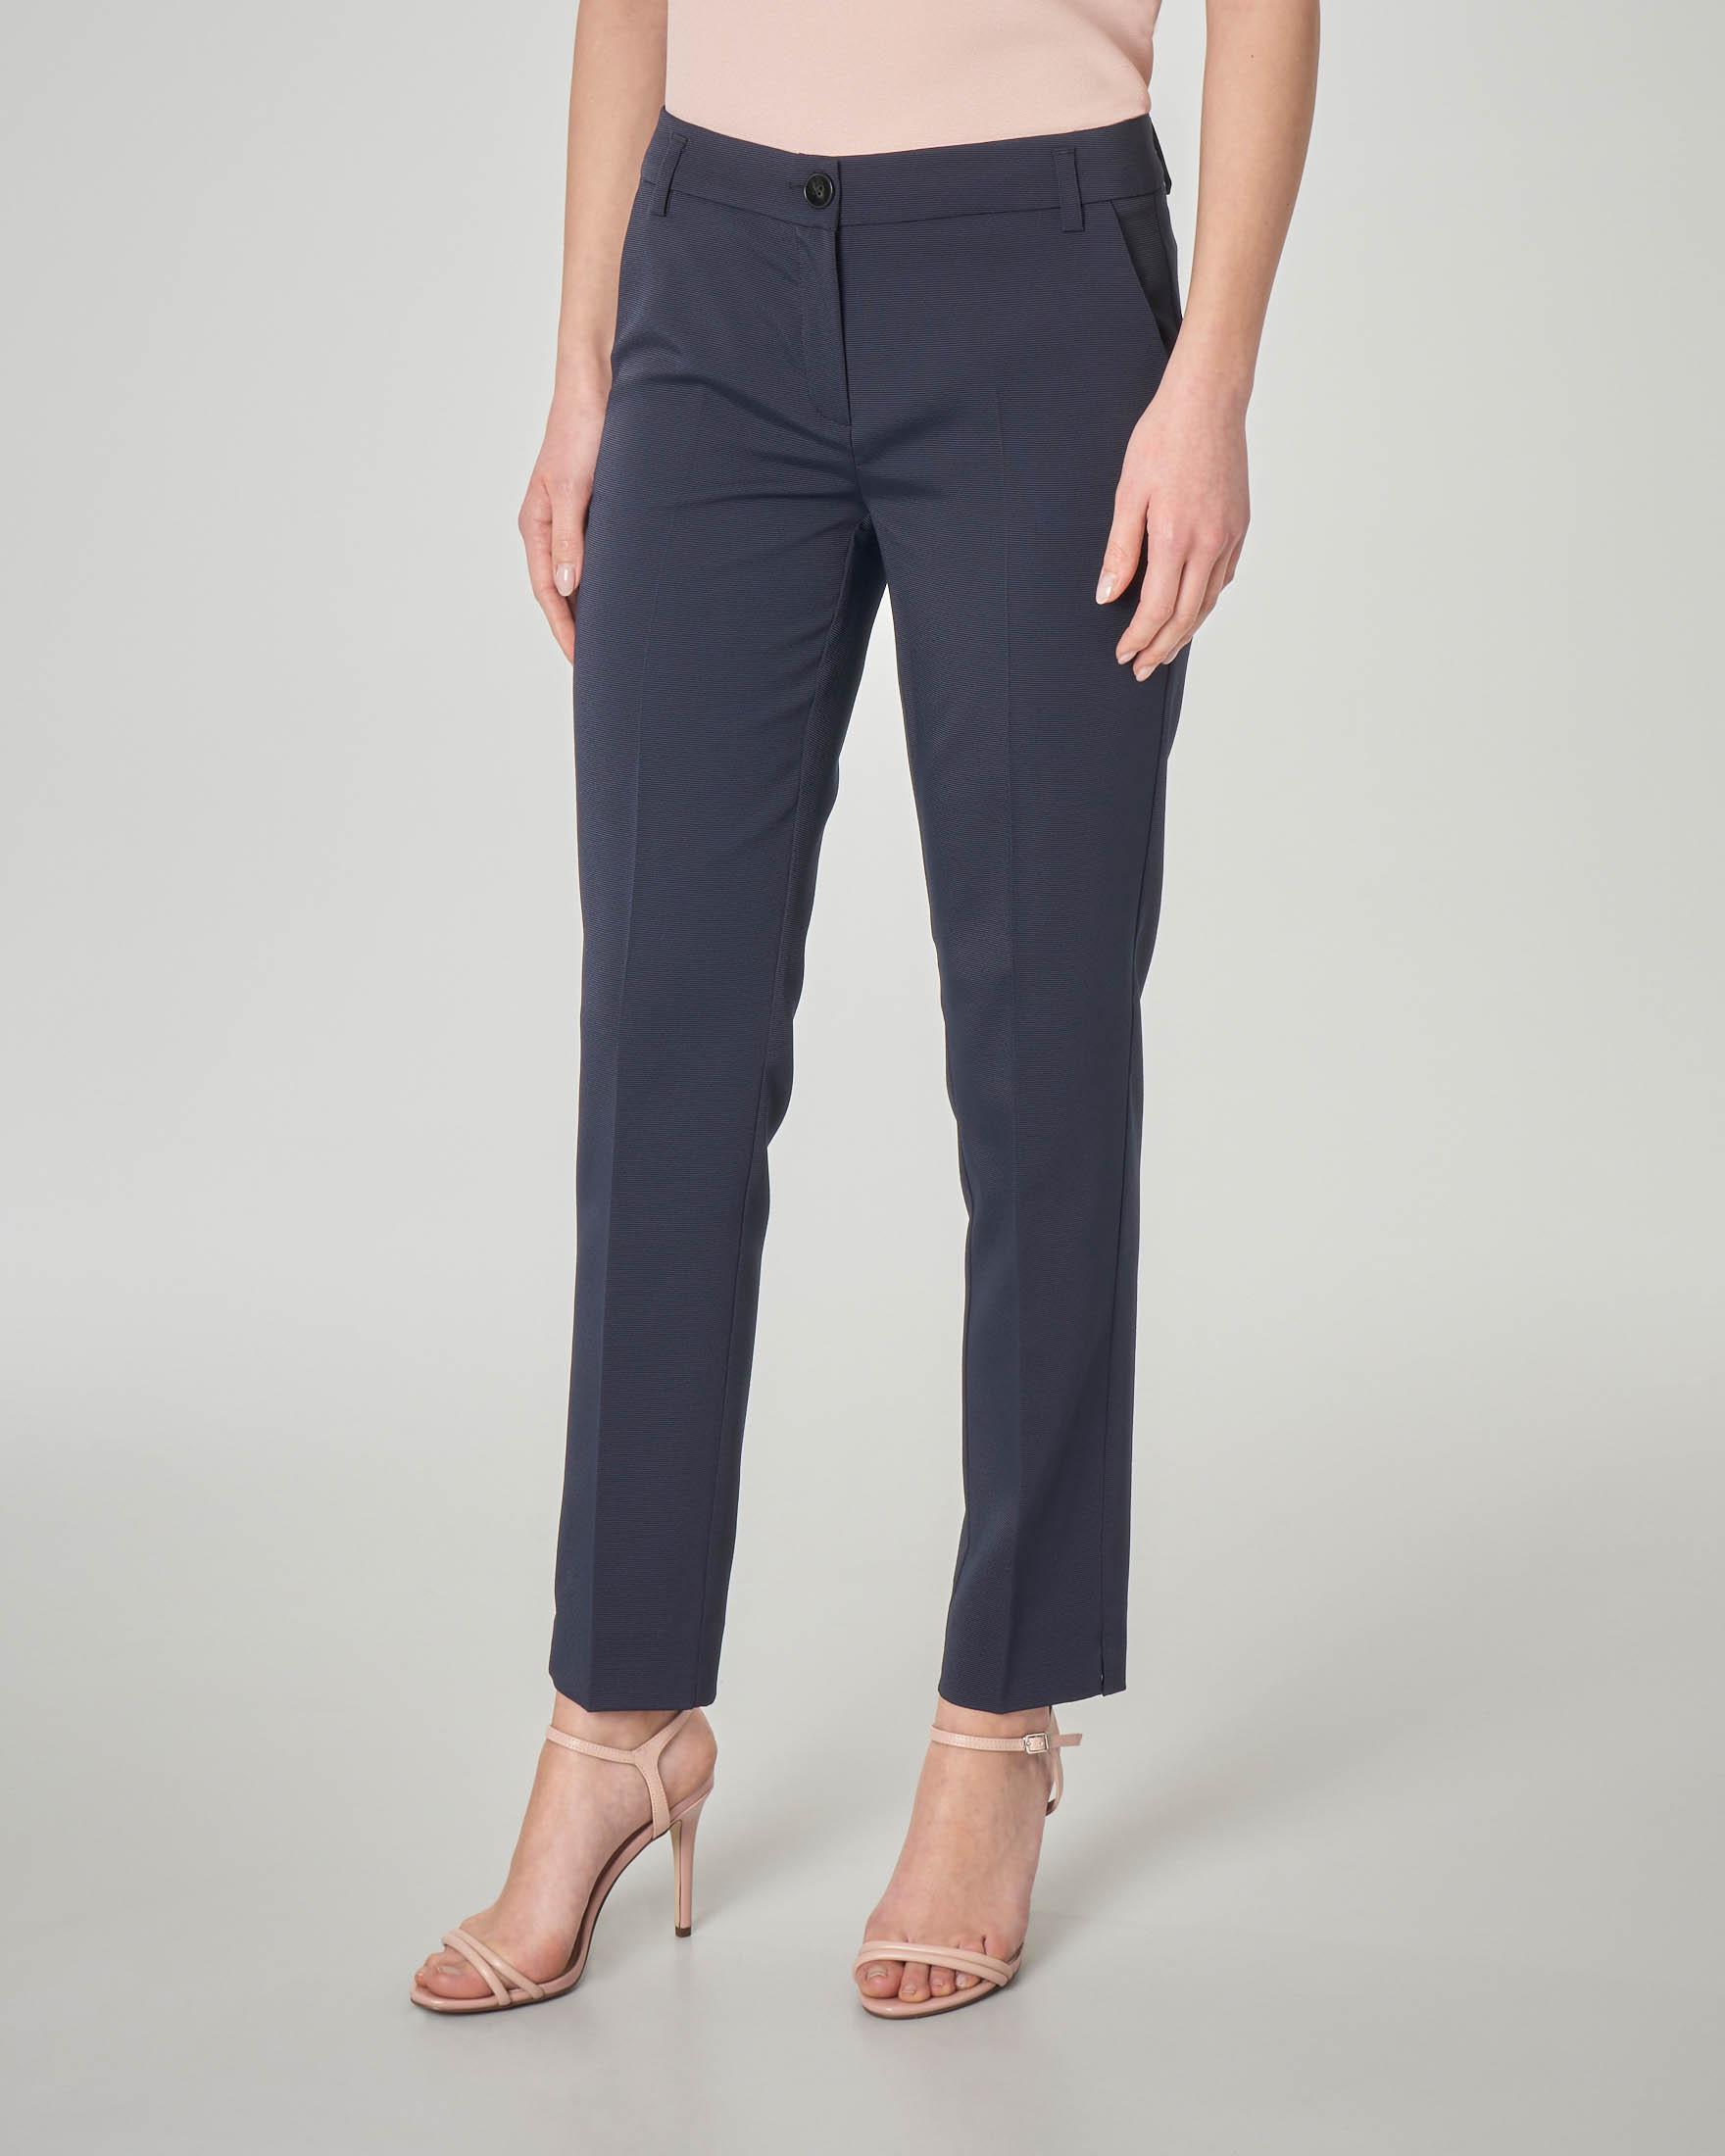 Pantaloni dritti alla caviglia blu in tessuto a micro costine